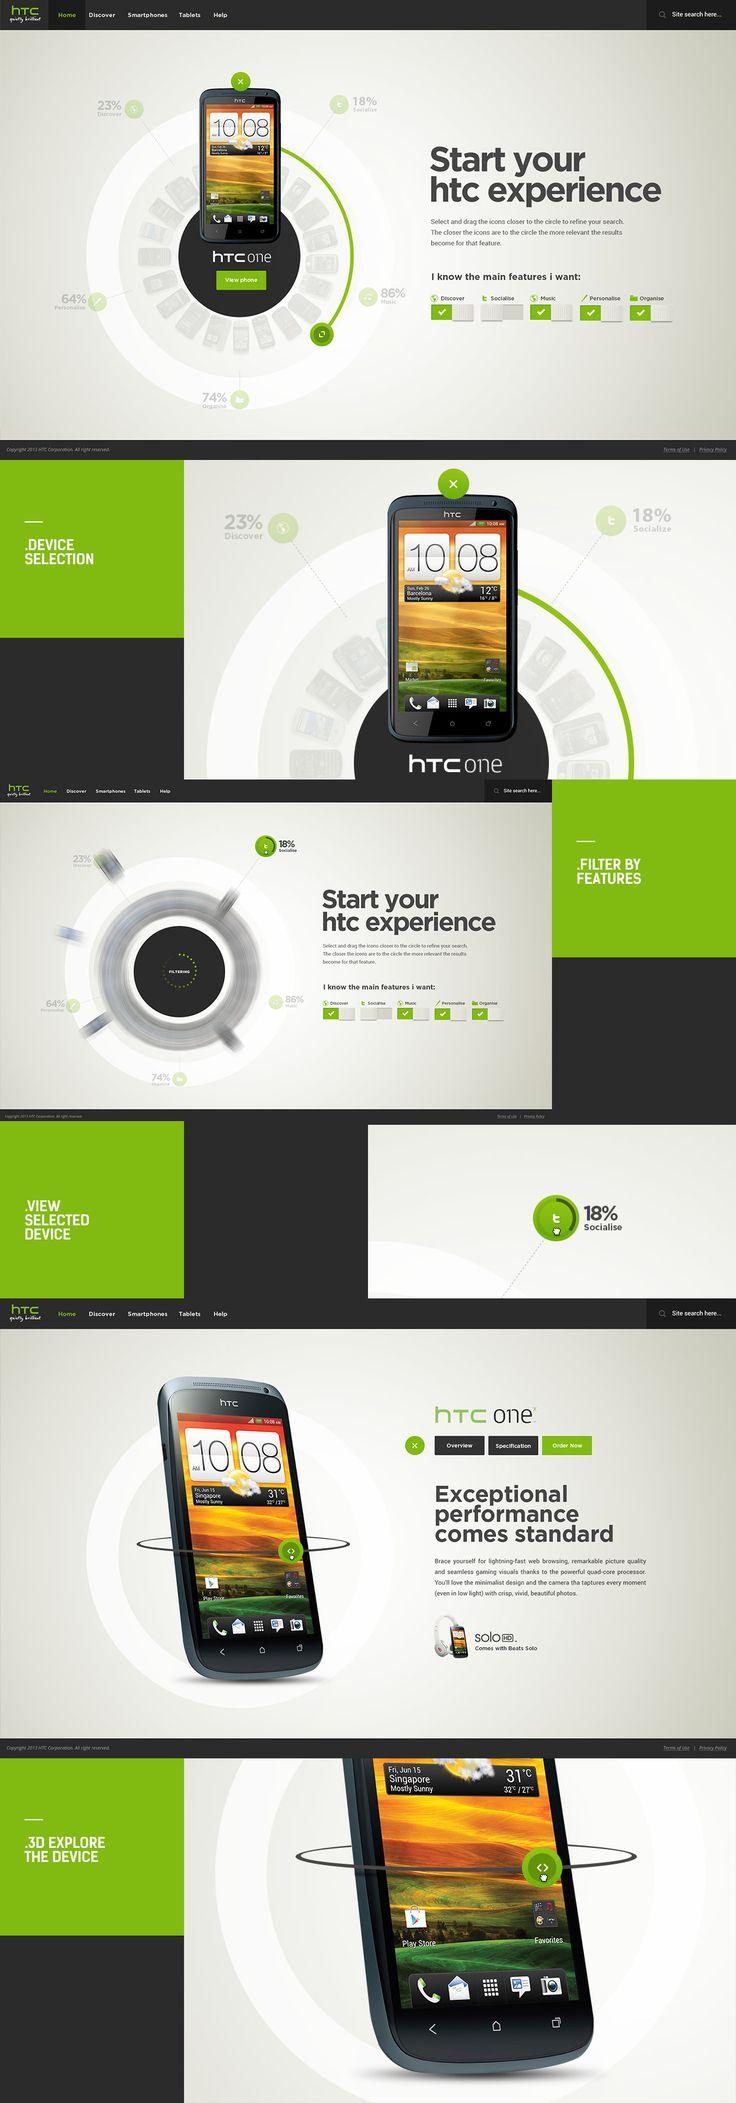 Cool Web Design on the Internet, HTC. #webdesign #webdevelopment #website @ http://www.pinterest.com/alfredchong/web-design/